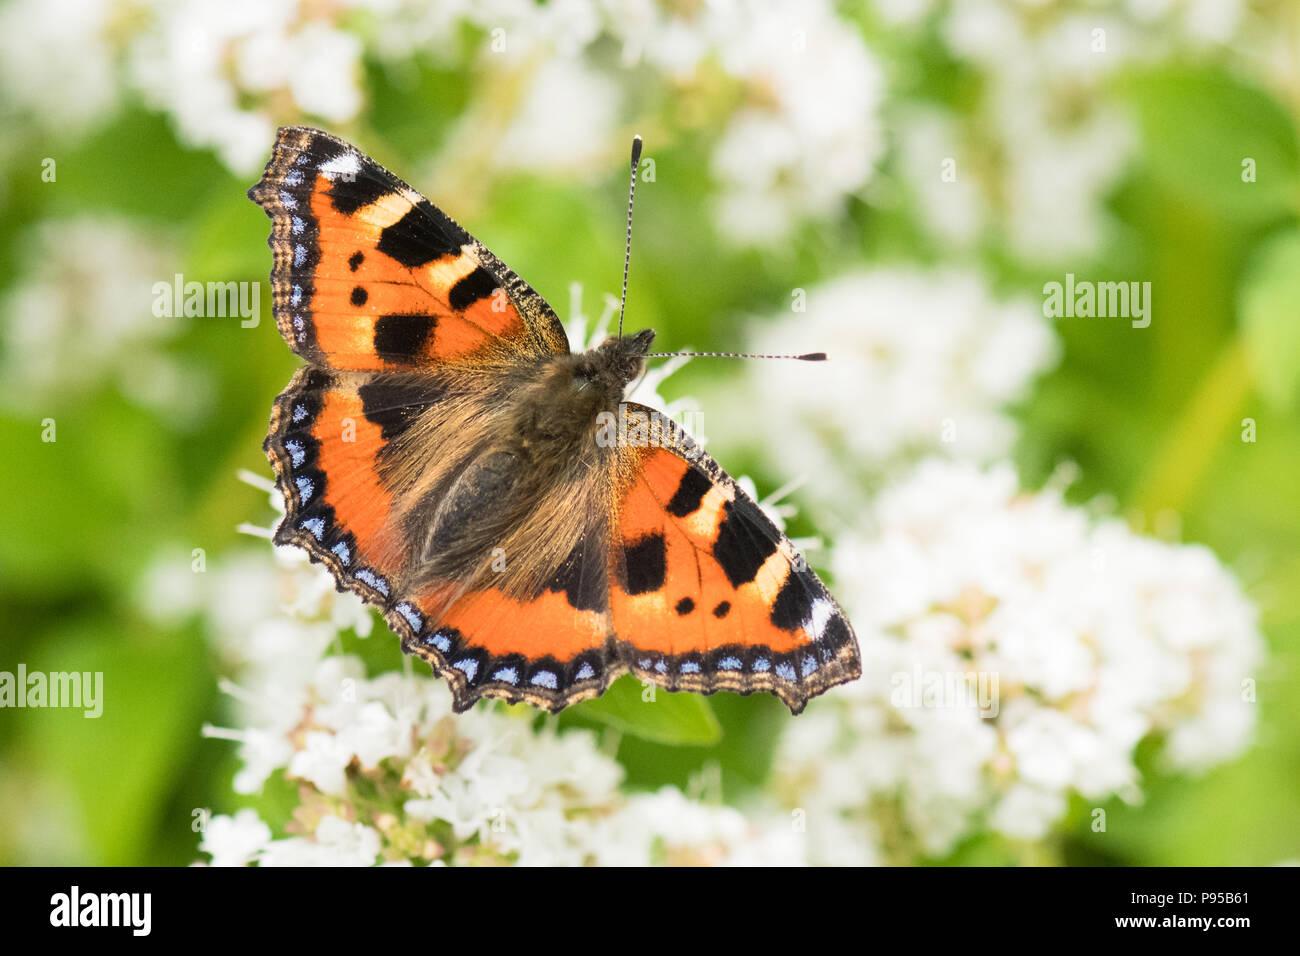 Small tortoiseshell butterfly (Aglais urticae) alimentándose de mejorana blanco plantar flores en el jardín del reino unido Imagen De Stock